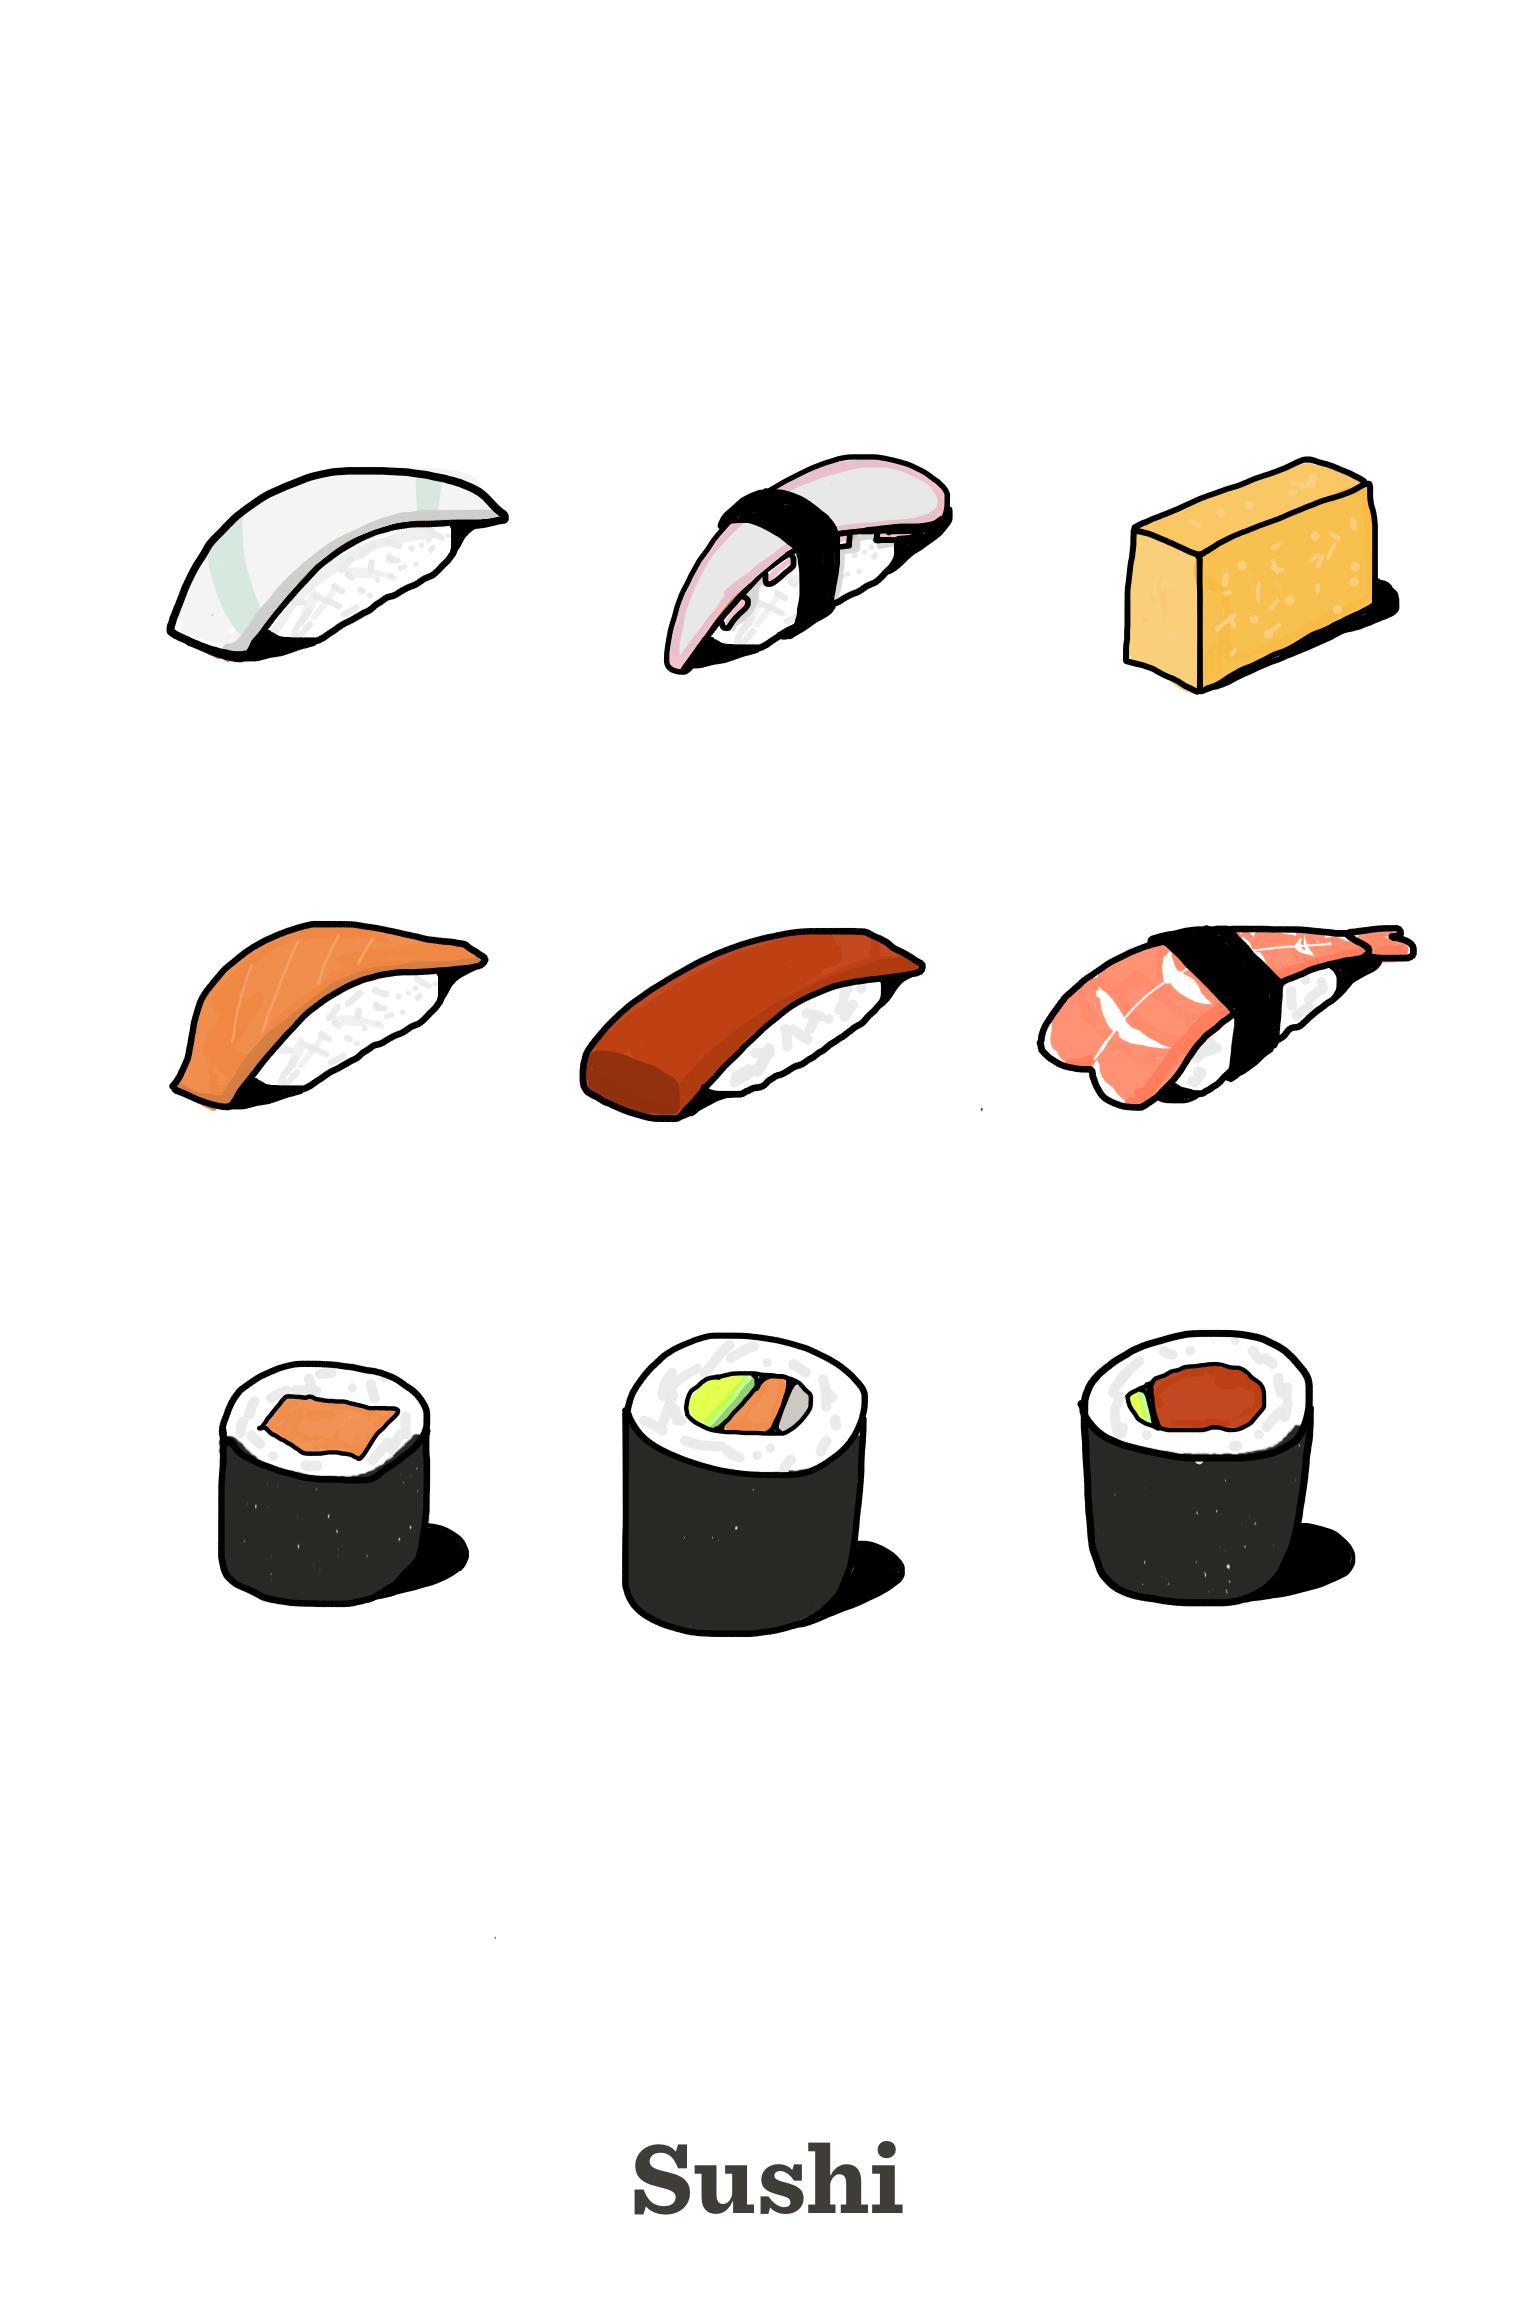 5-sushi-the-sushi-game